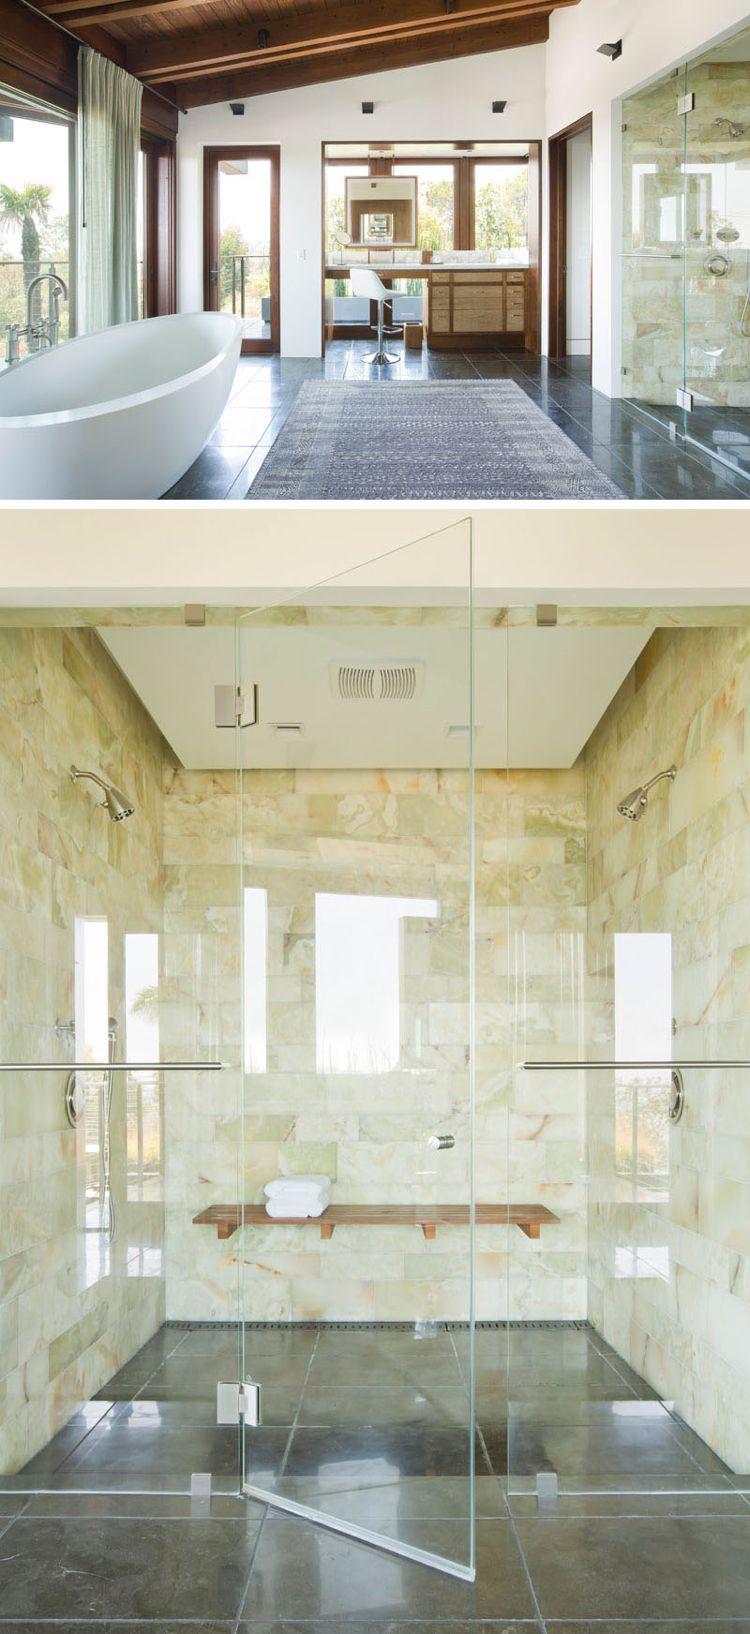 natursteinverkleidung innen badezimmer glaswand freistehende ...